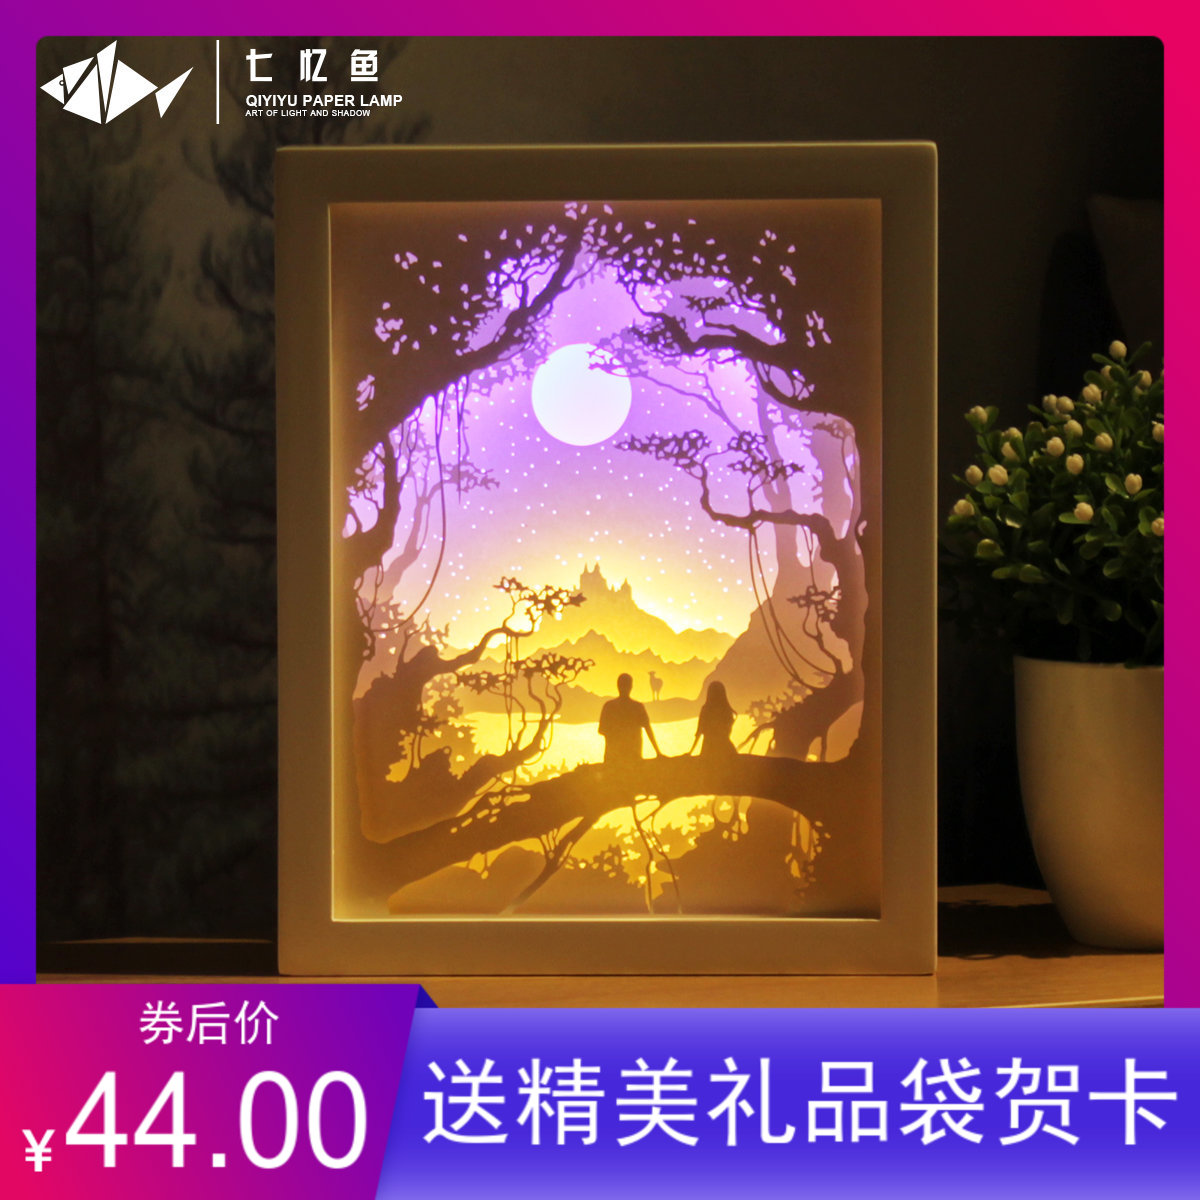 七忆鱼光影纸雕灯diy材料包手工刻制作成品礼物3D立体台灯叠影灯